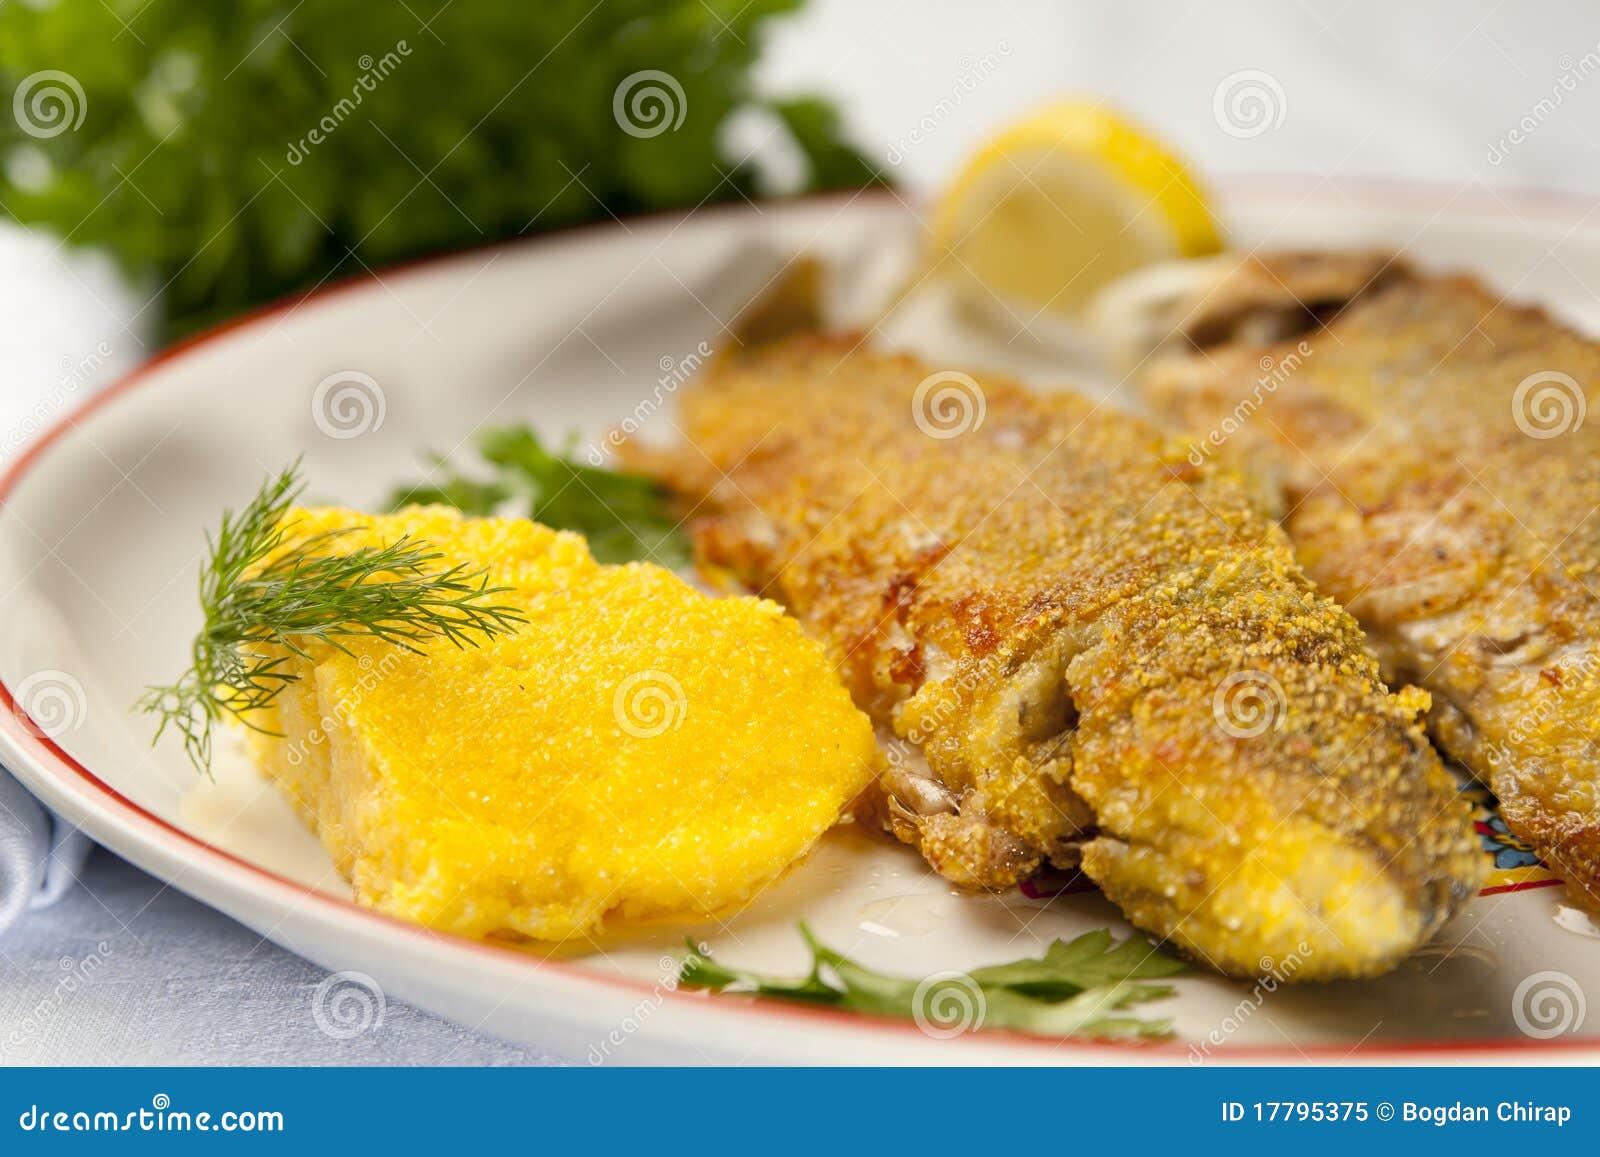 Truite arc en ciel cuit au four avec le polenta photo libre de droits image 17795375 - Polenta cuisson au four ...